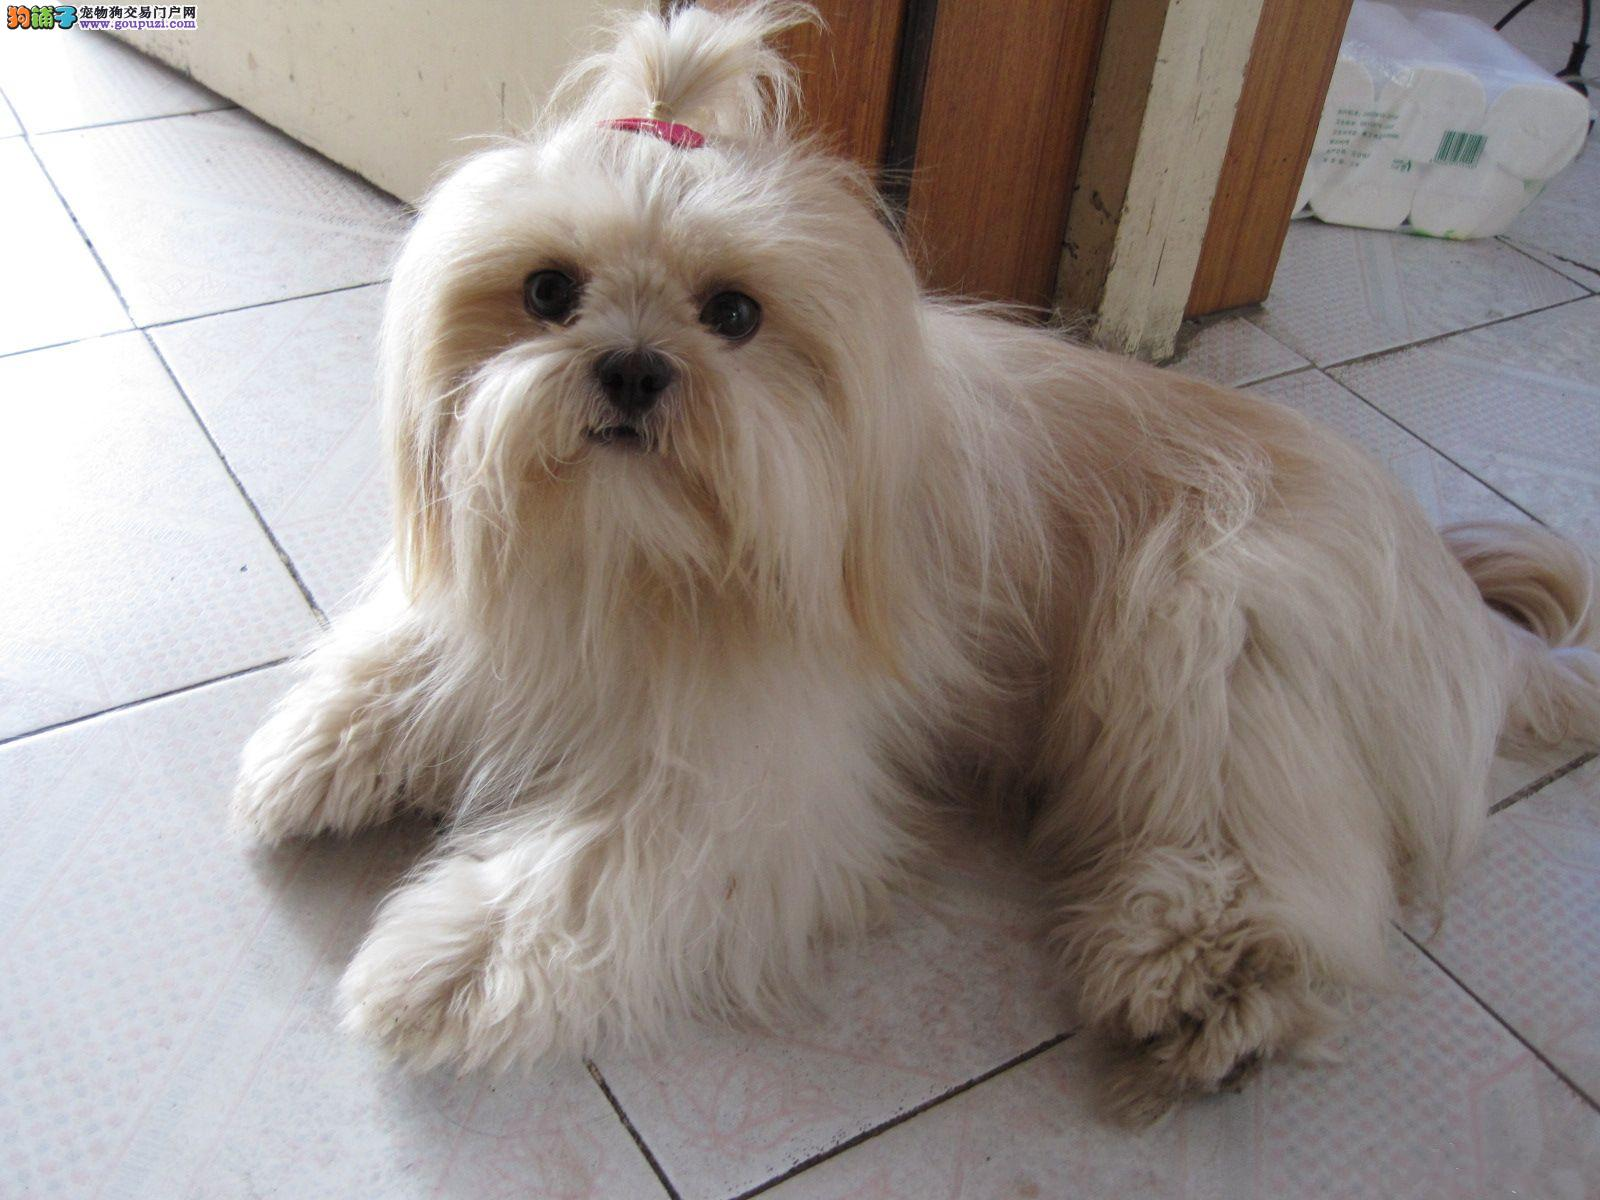 出售多种颜色纯种西施犬幼犬签署质保合同